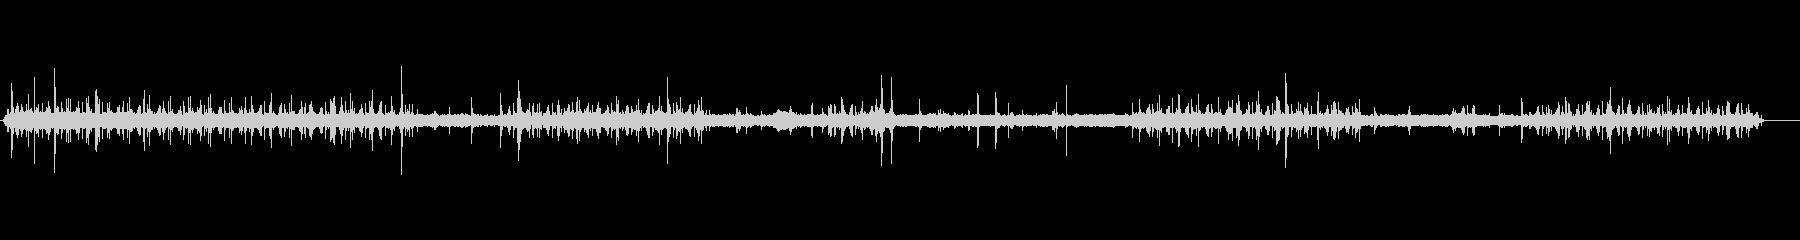 蓄音機プレス工場2の未再生の波形